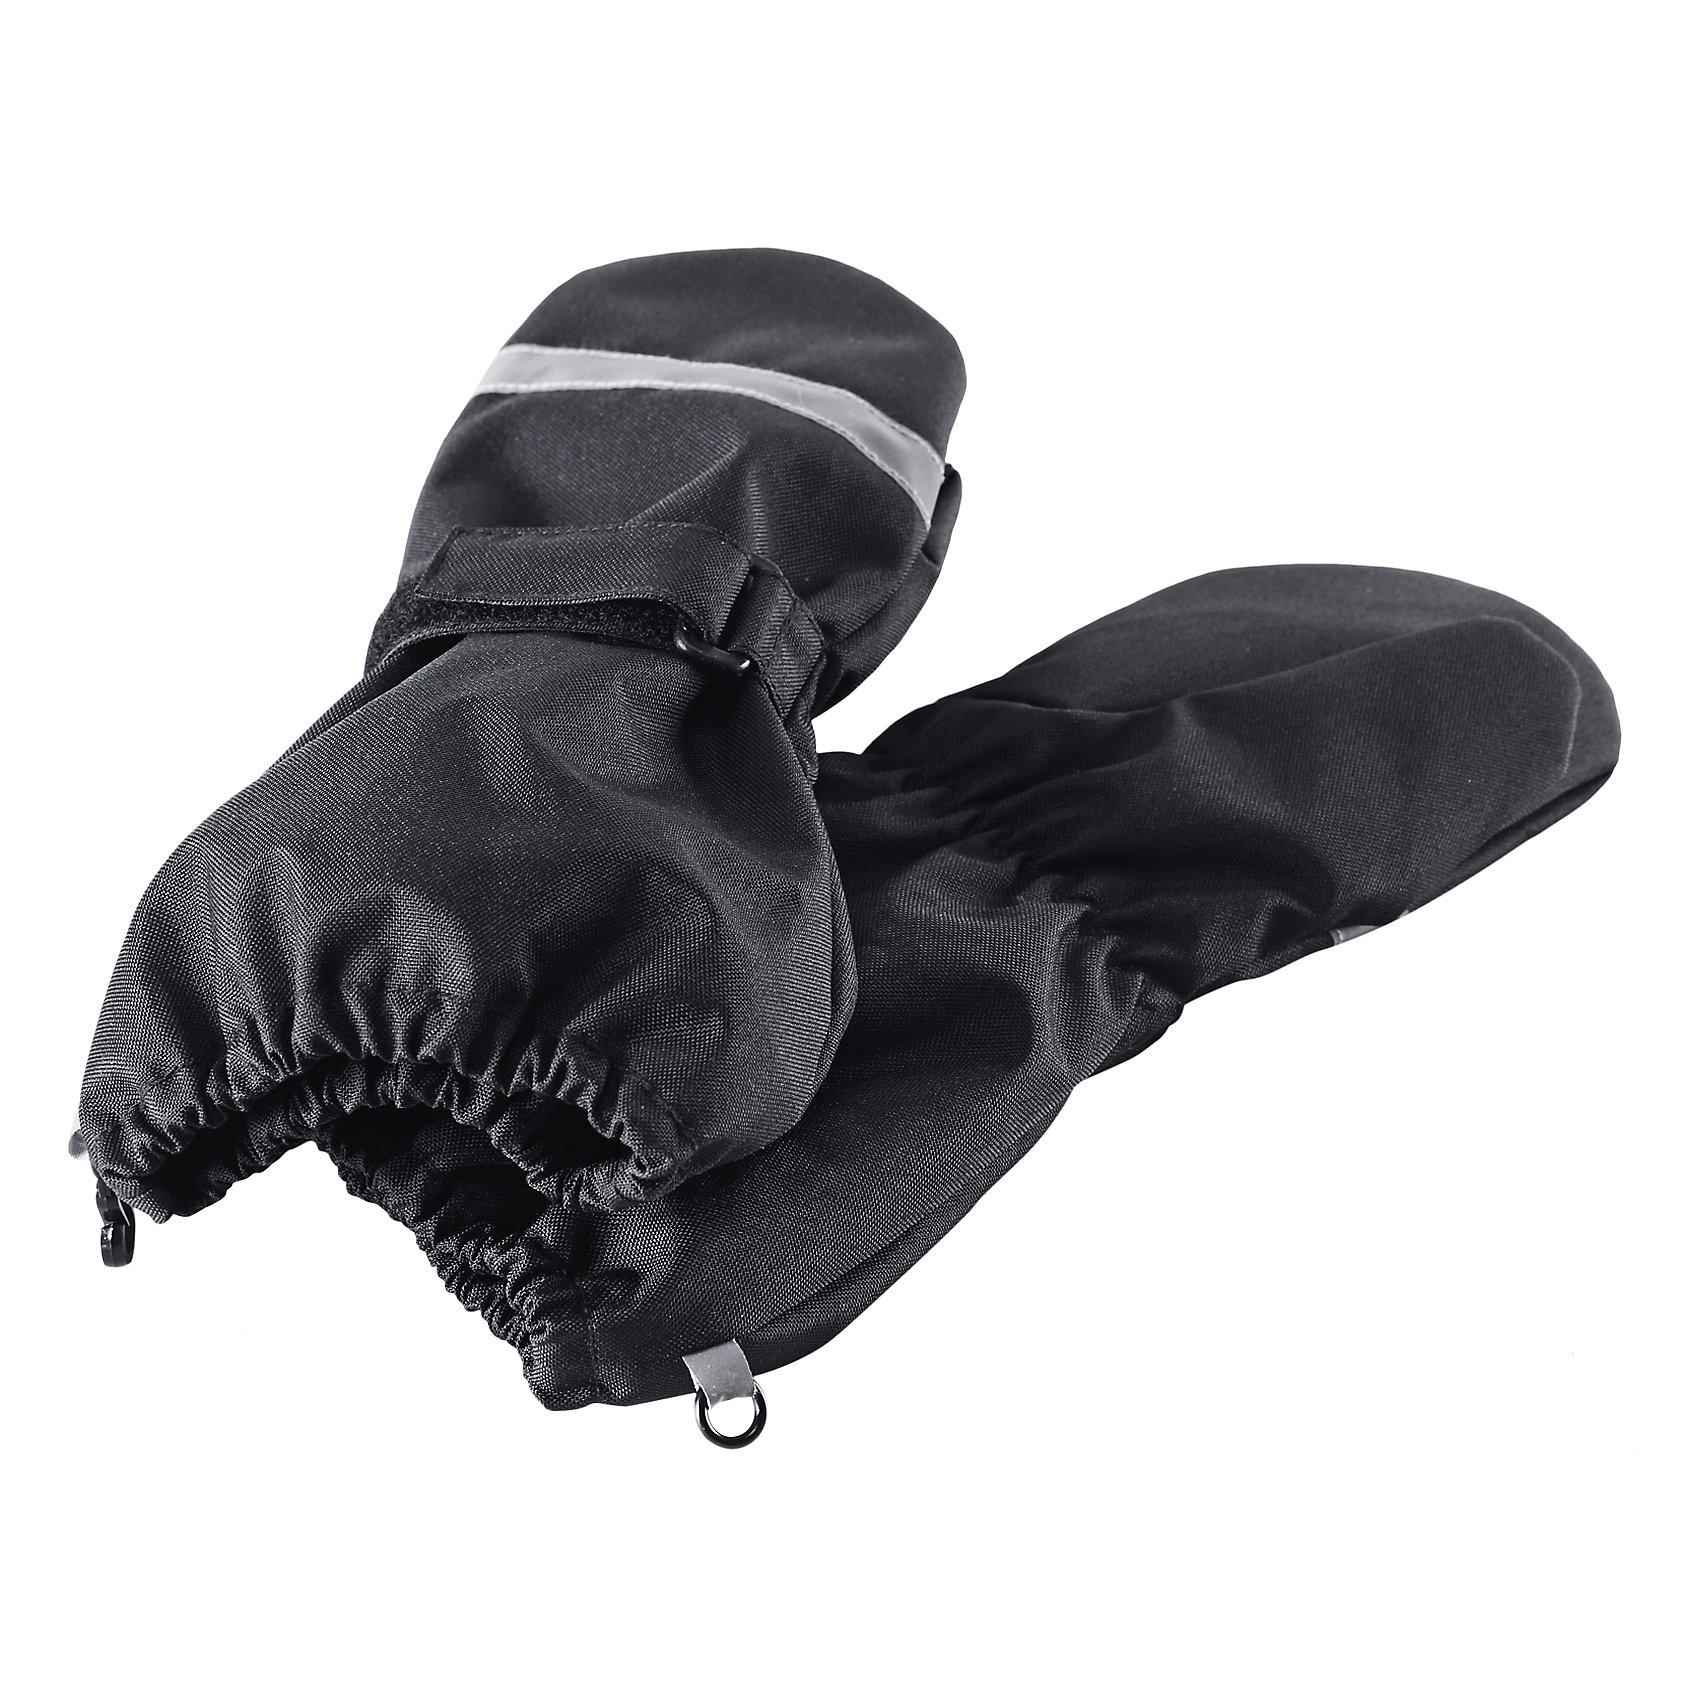 Варежки для мальчика LASSIEЗимние перчатки для малышей известной финской марки.<br><br>- Сверхпрочный материал. Водоотталкивающий, ветронепроницаемый и грязеотталкивающий материал.<br>-  Подкладка из полиэстера с начесом. Средняя степень утепления. <br>- Простая застежка на липучке. <br>- Безопасные светоотражающие детали. Светоотражающая эмблема Lassie®.  <br><br>Рекомендации по уходу: Полоскать без специального средства. Сушить при низкой температуре. <br><br>Состав: 100% Полиамид, полиуретановое покрытие.  Утеплитель «Lassie wadding» 120гр.<br><br>Ширина мм: 162<br>Глубина мм: 171<br>Высота мм: 55<br>Вес г: 119<br>Цвет: черный<br>Возраст от месяцев: 72<br>Возраст до месяцев: 96<br>Пол: Мужской<br>Возраст: Детский<br>Размер: 5,2,3,4<br>SKU: 4780633